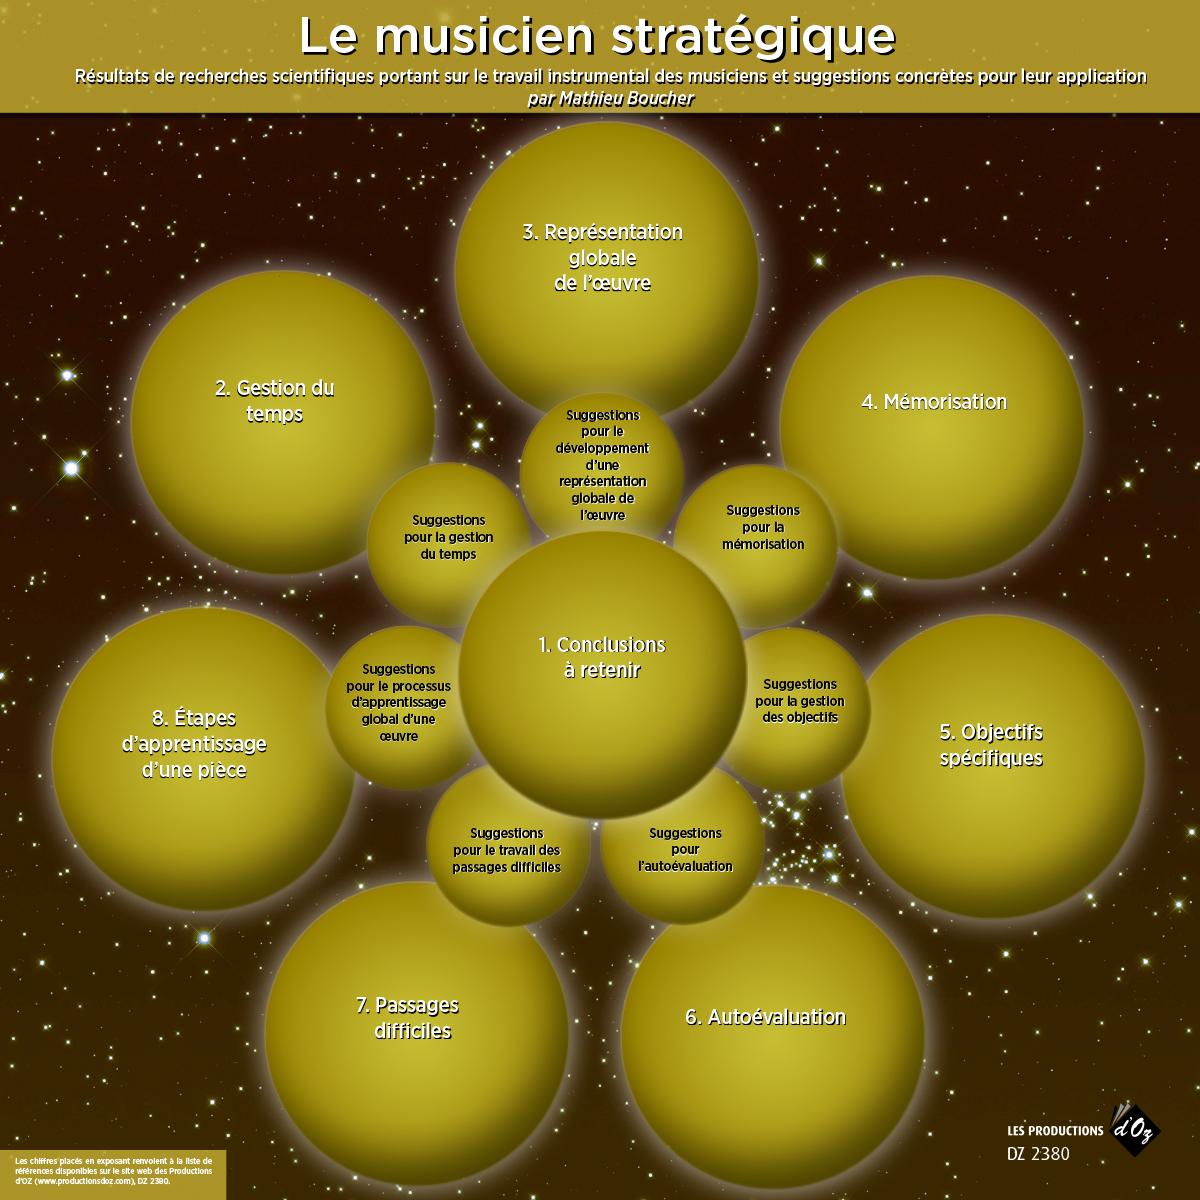 Le musicien stratégique